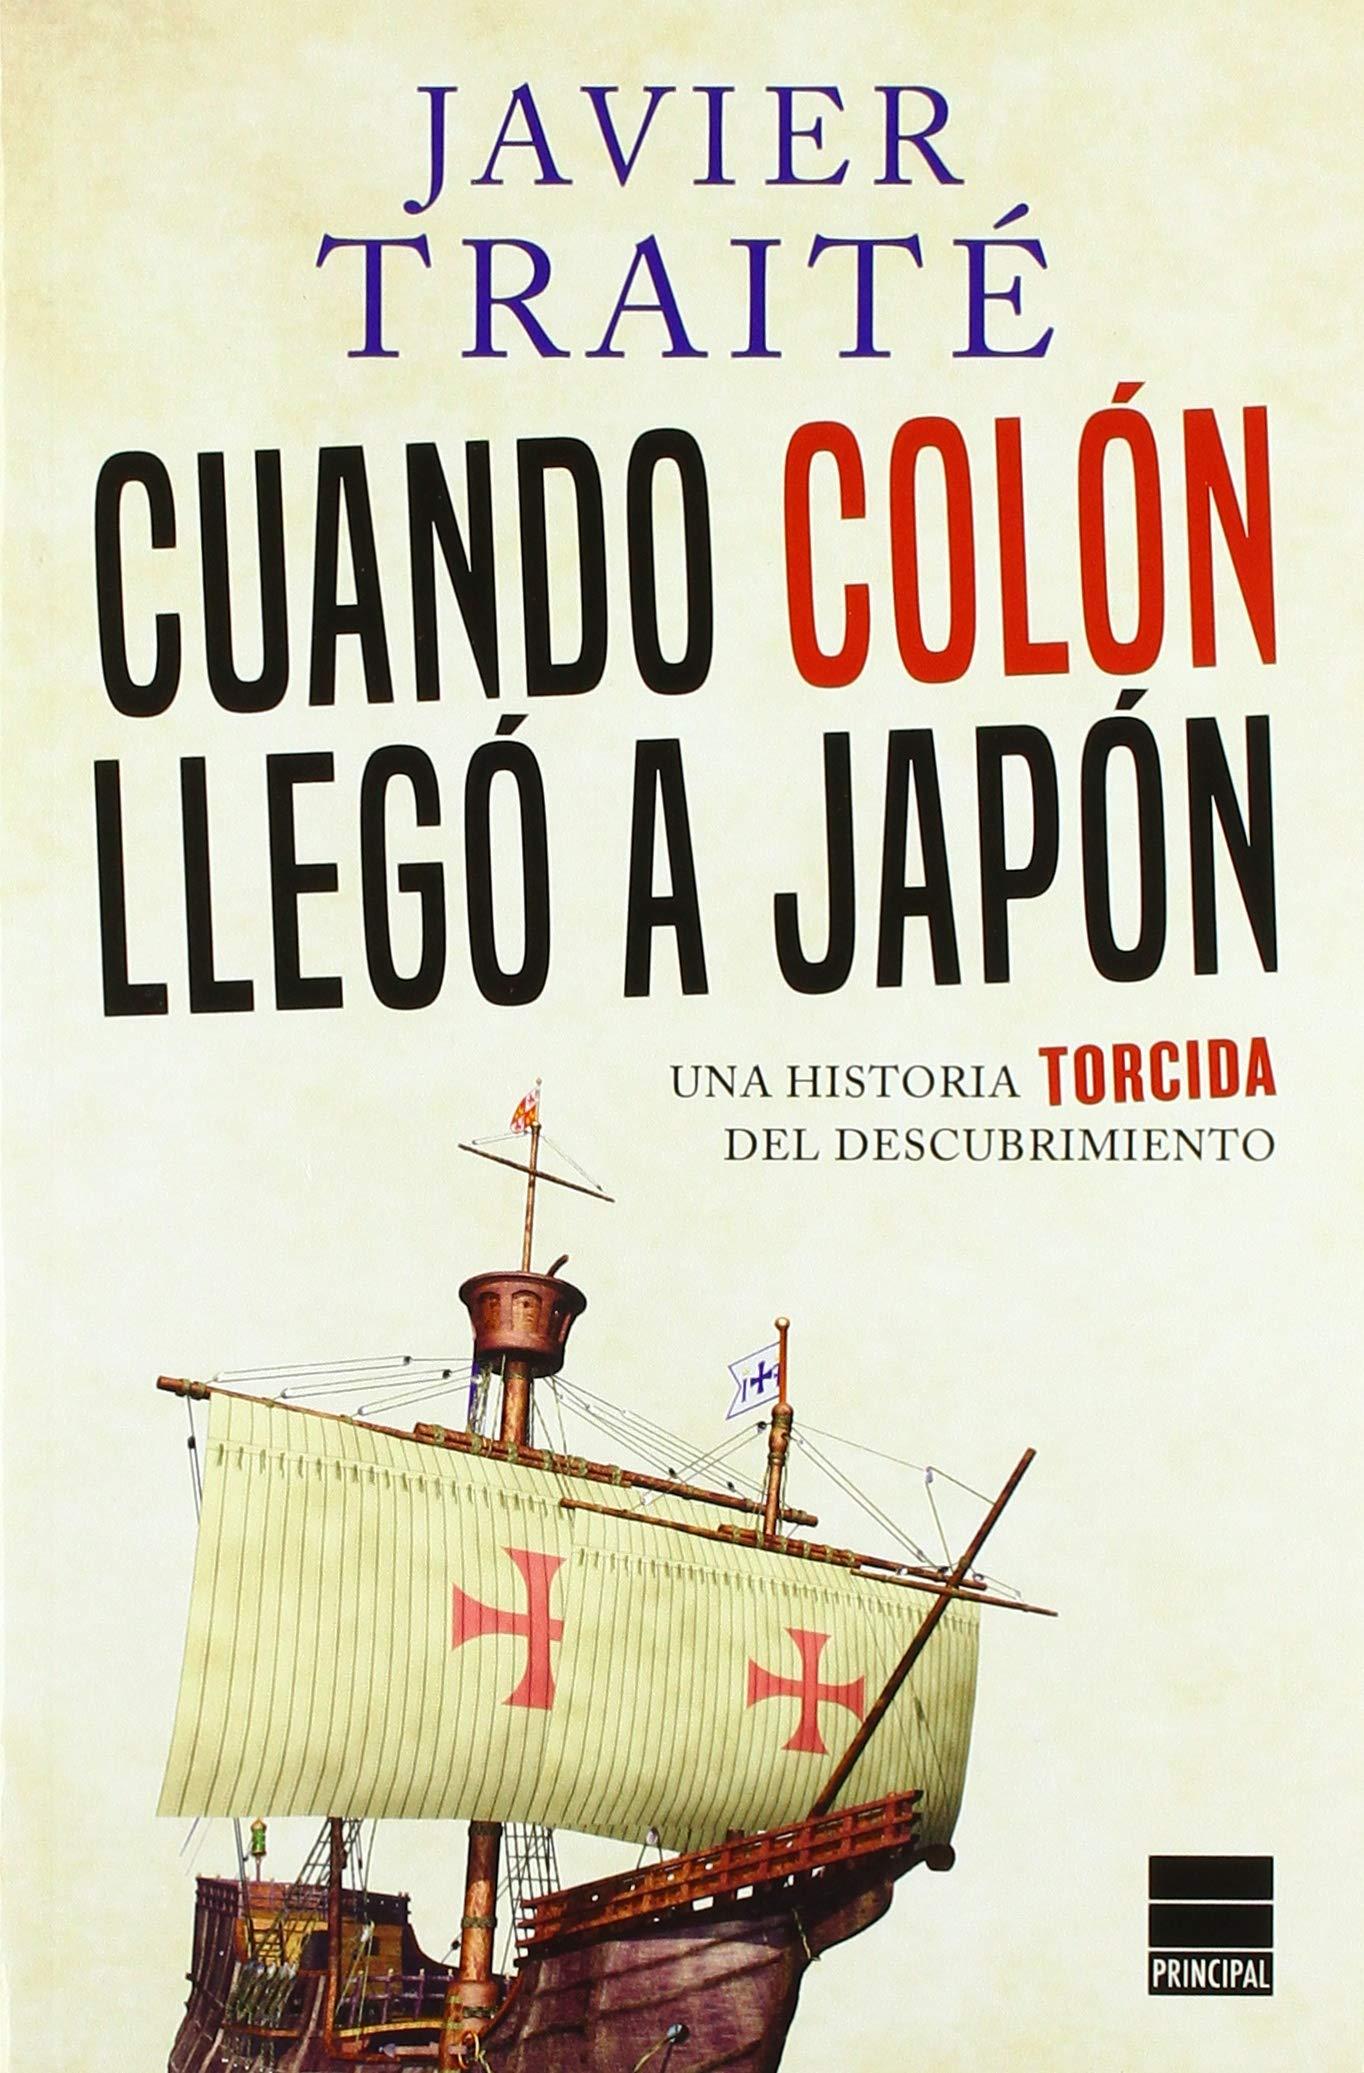 Cuando Colón llegó a Japón: Una historia torcida del descubrimiento: Amazon.es: Traité, Javier: Libros